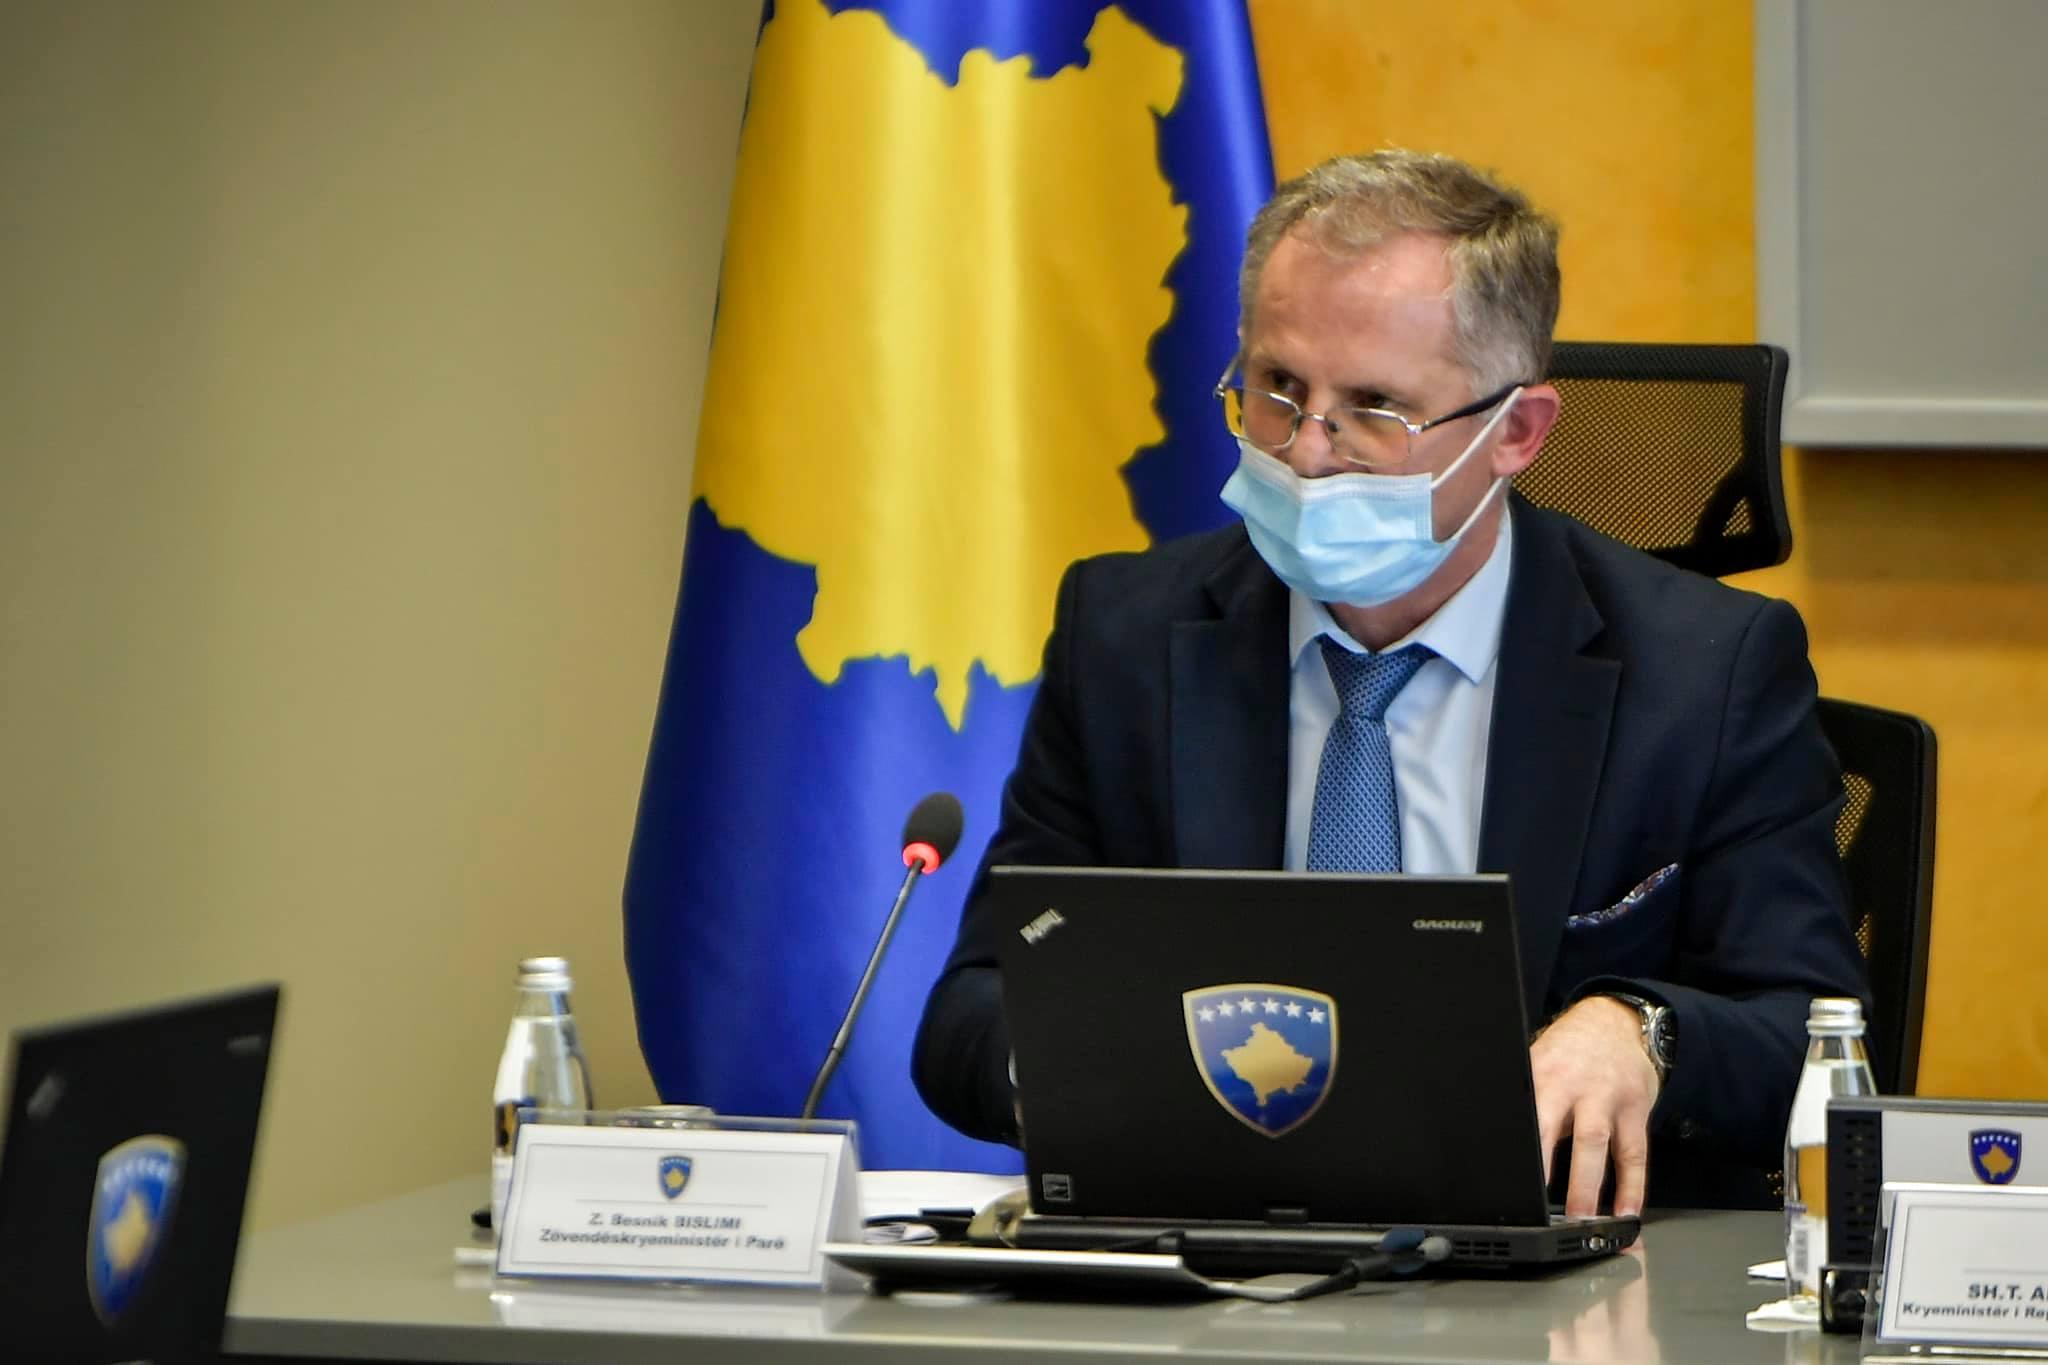 Bislimi: Qytetarët e Luginës do të kompensohen për dëmet eventuale nga reciprociteti i targave